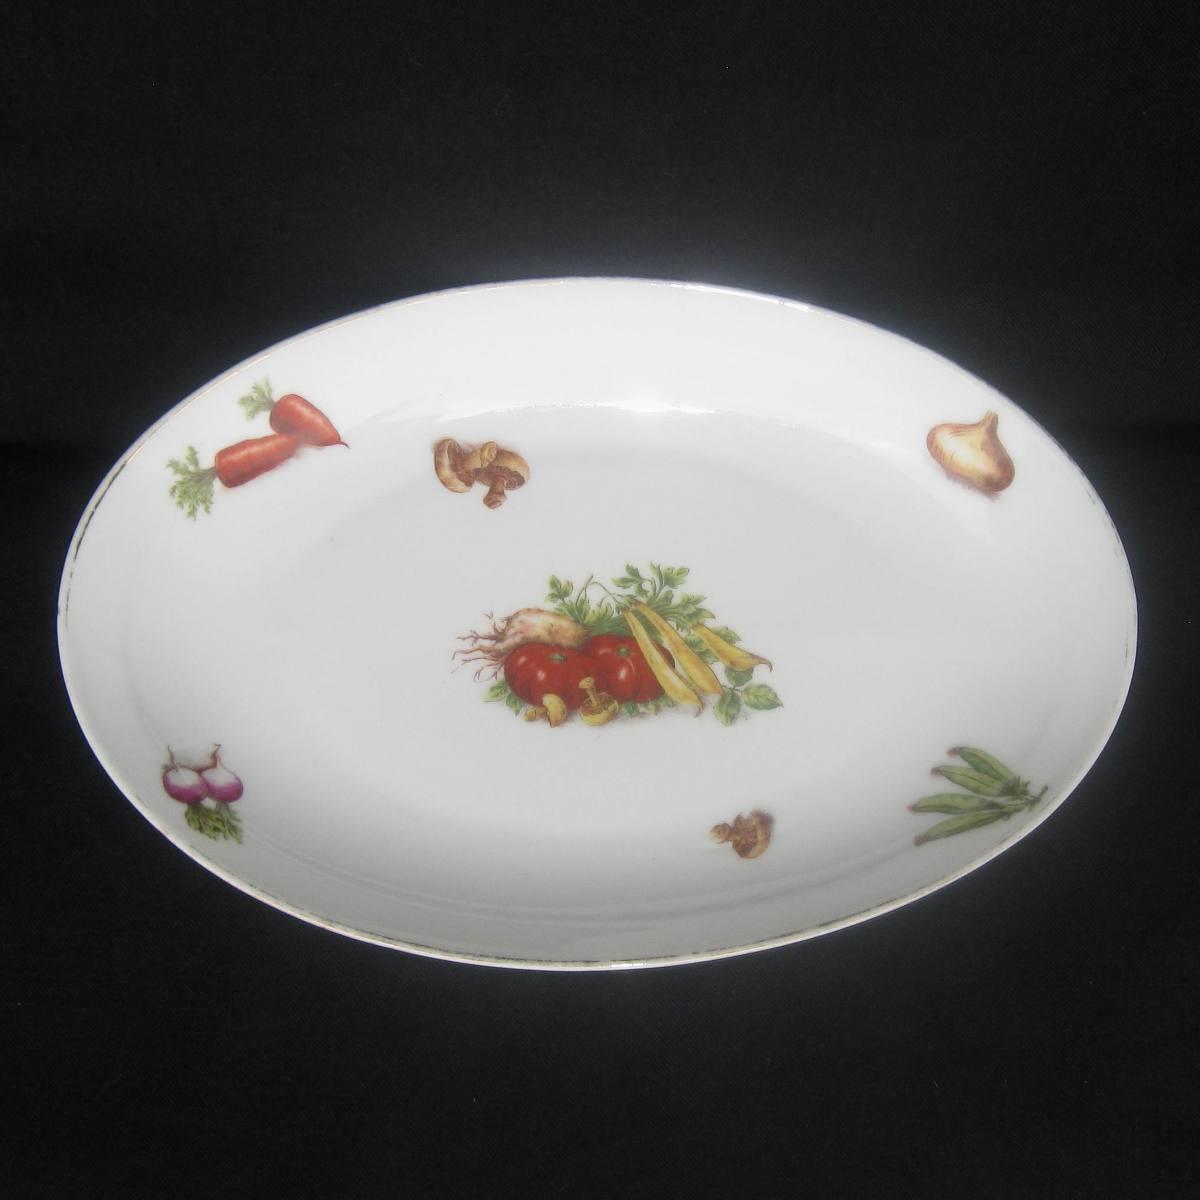 Plat plat limoges decor legumes 1